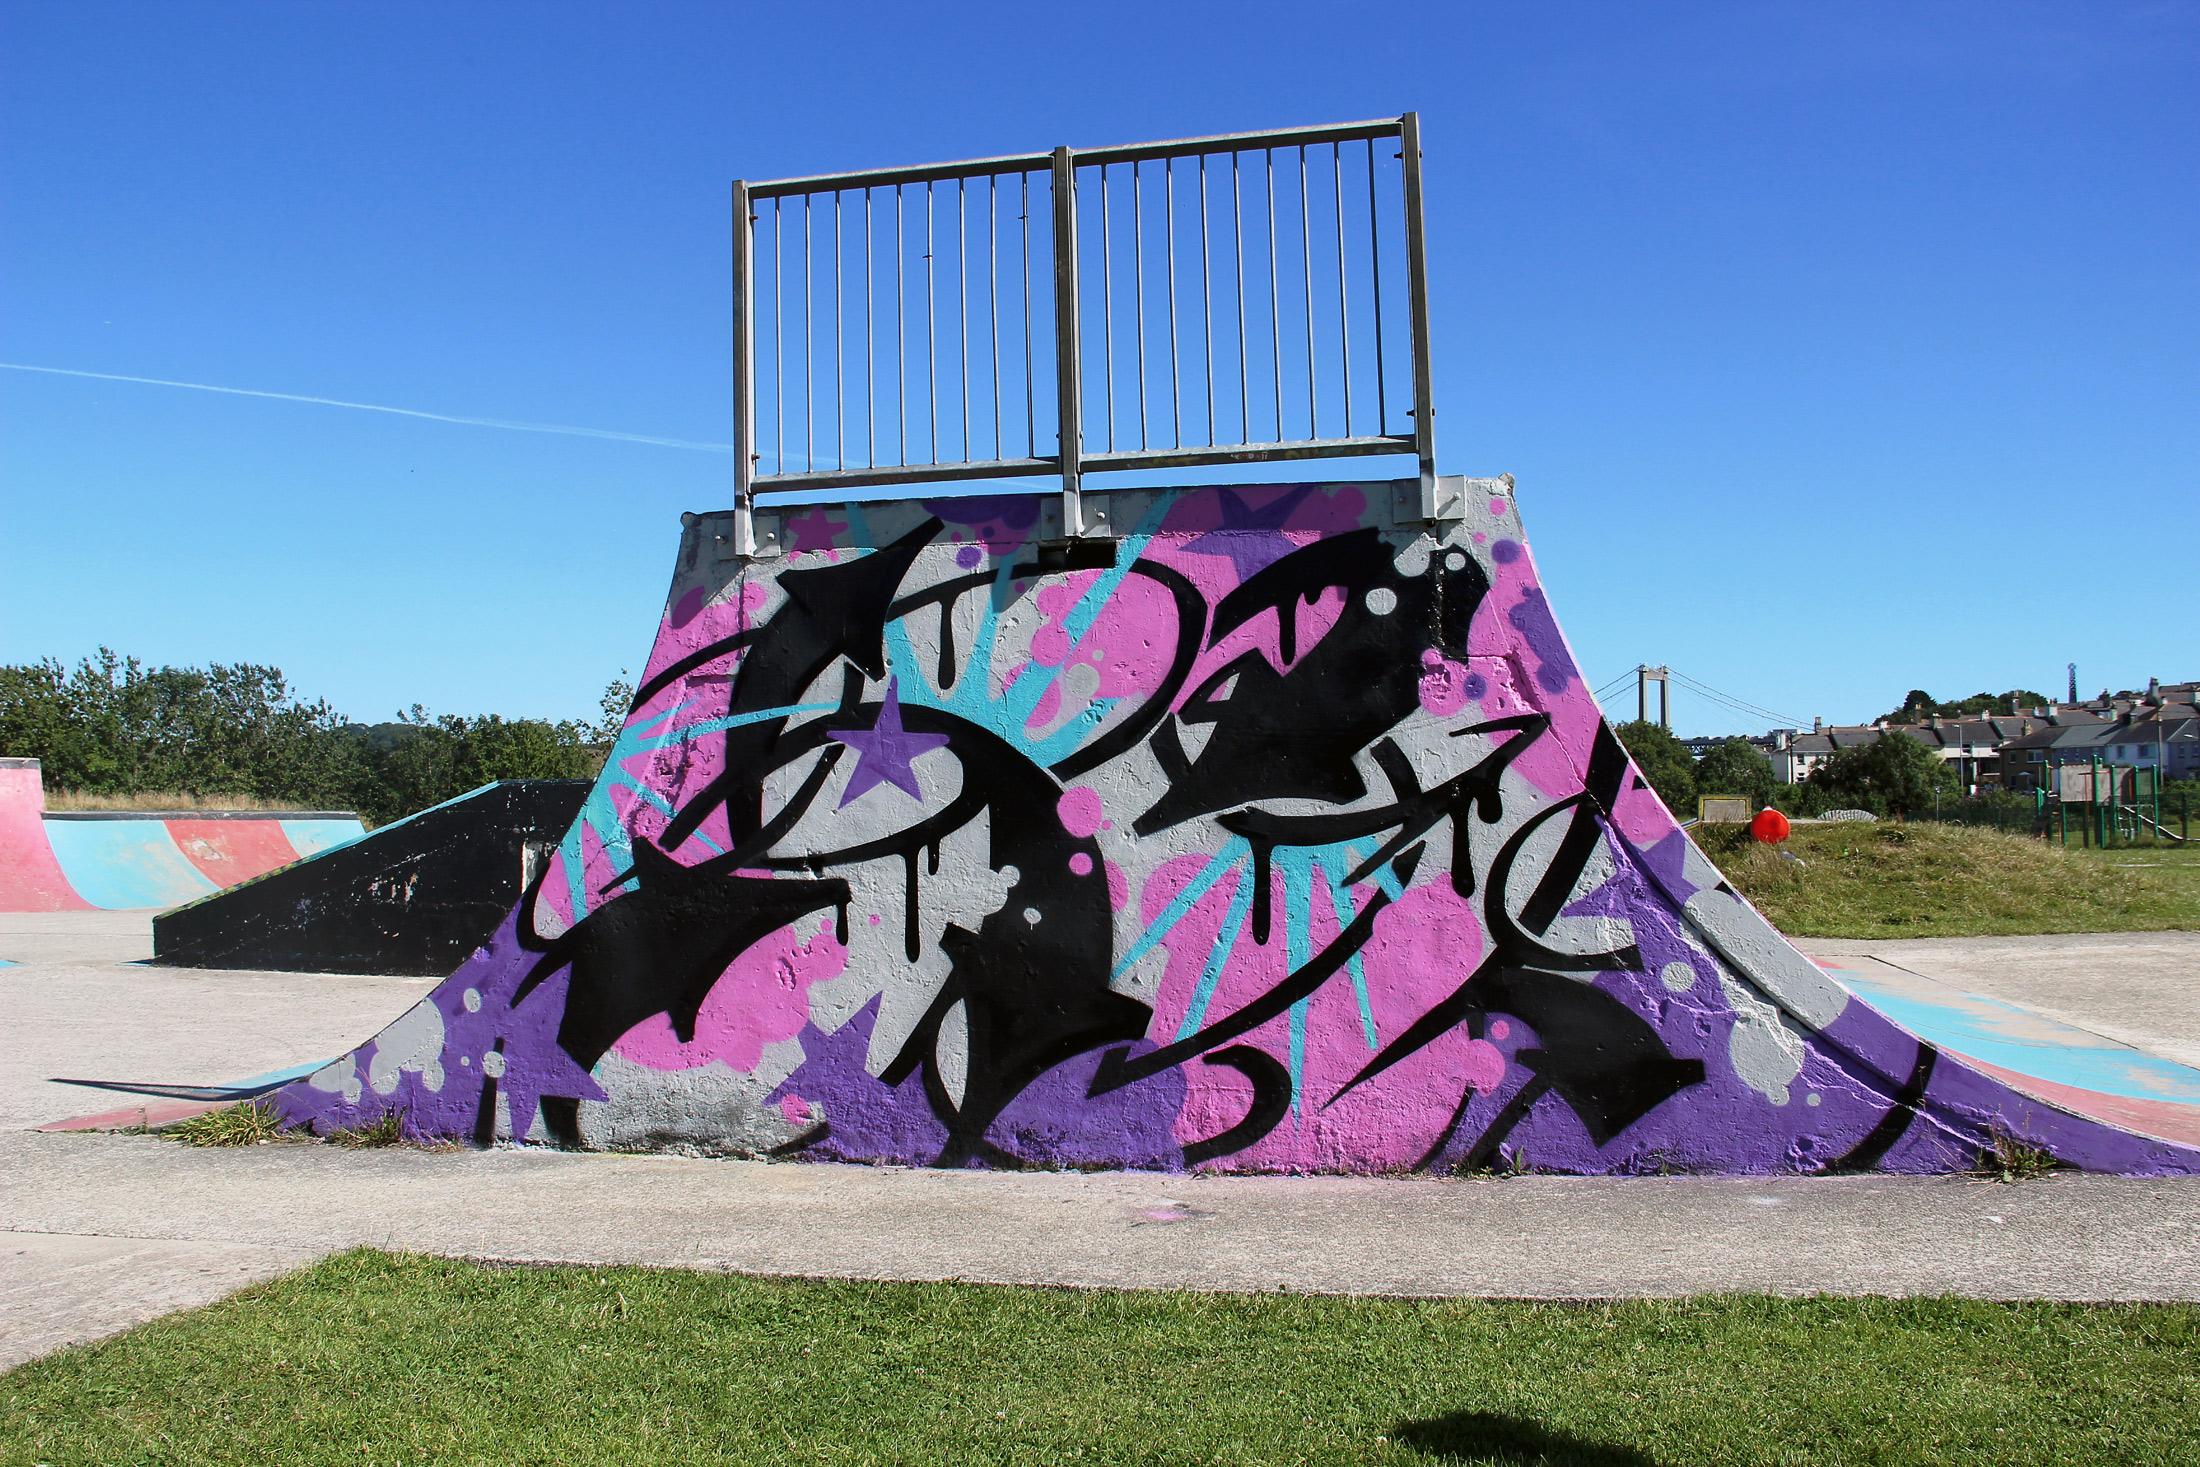 saltmill-skatepark-graffiti-saltash